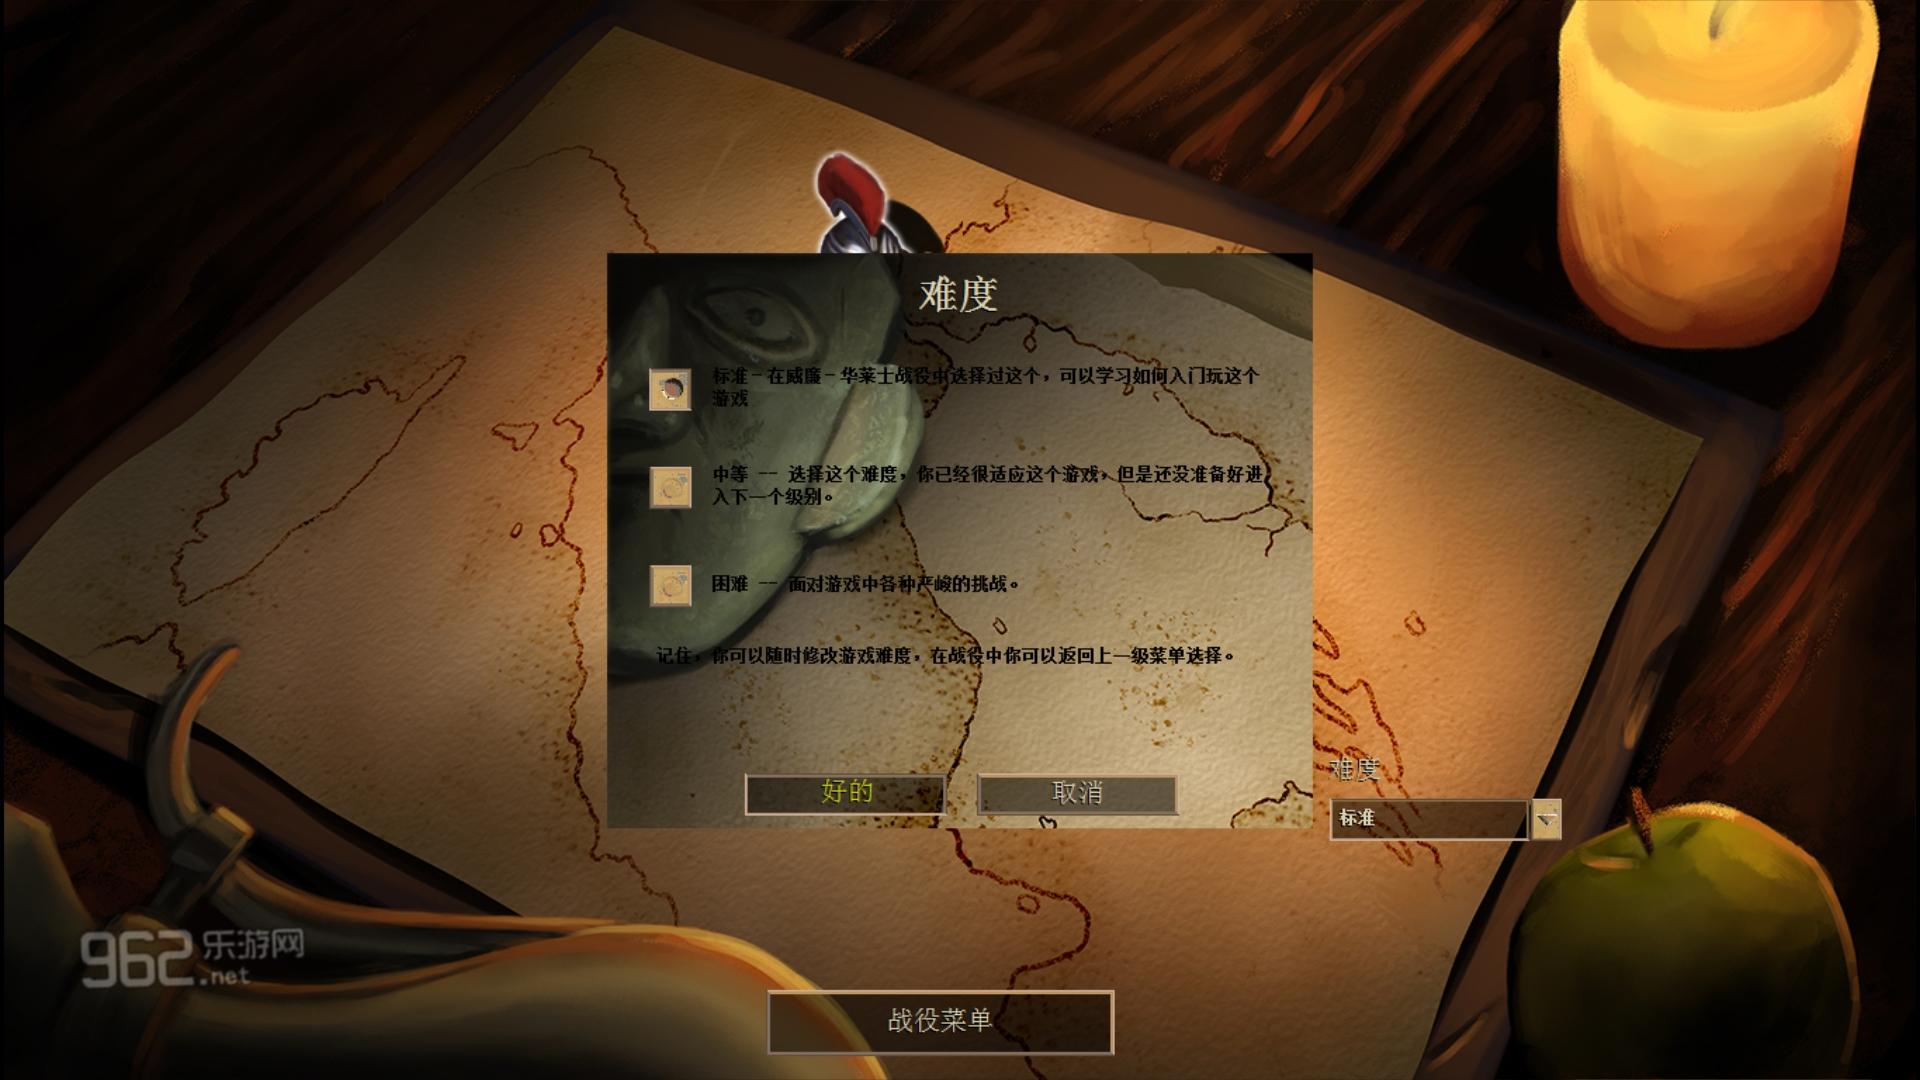 帝国时代2:非洲王国官方中文版截图0